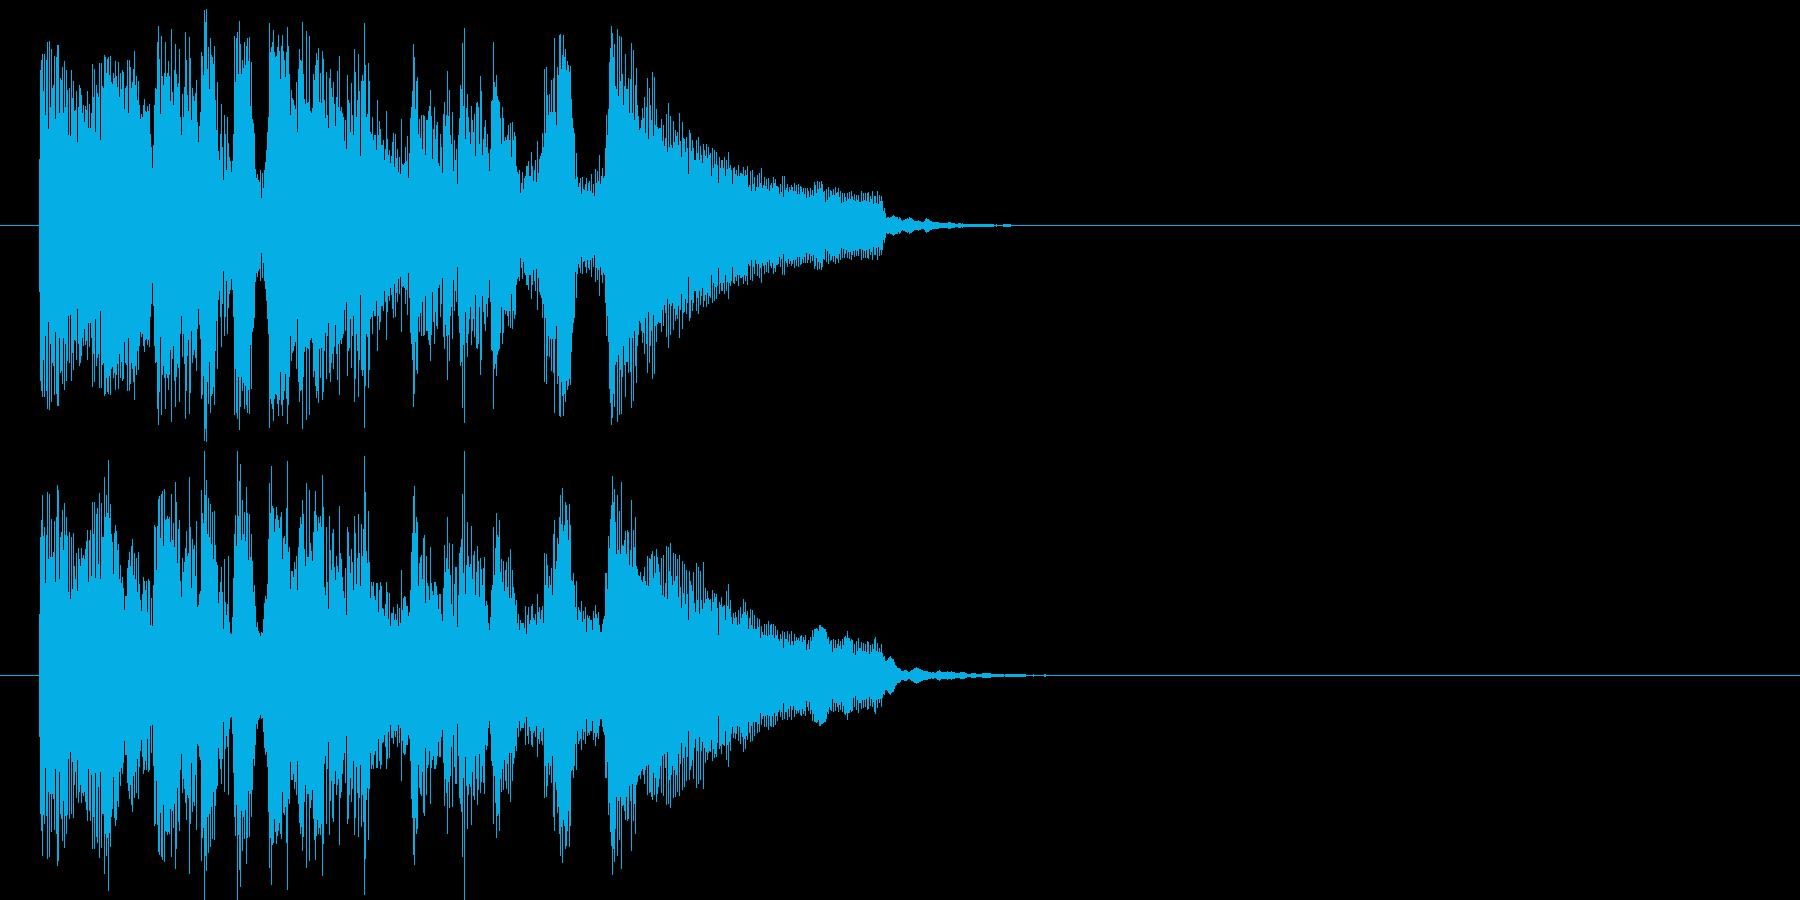 場面転換 テーマ さわやか いきいきの再生済みの波形